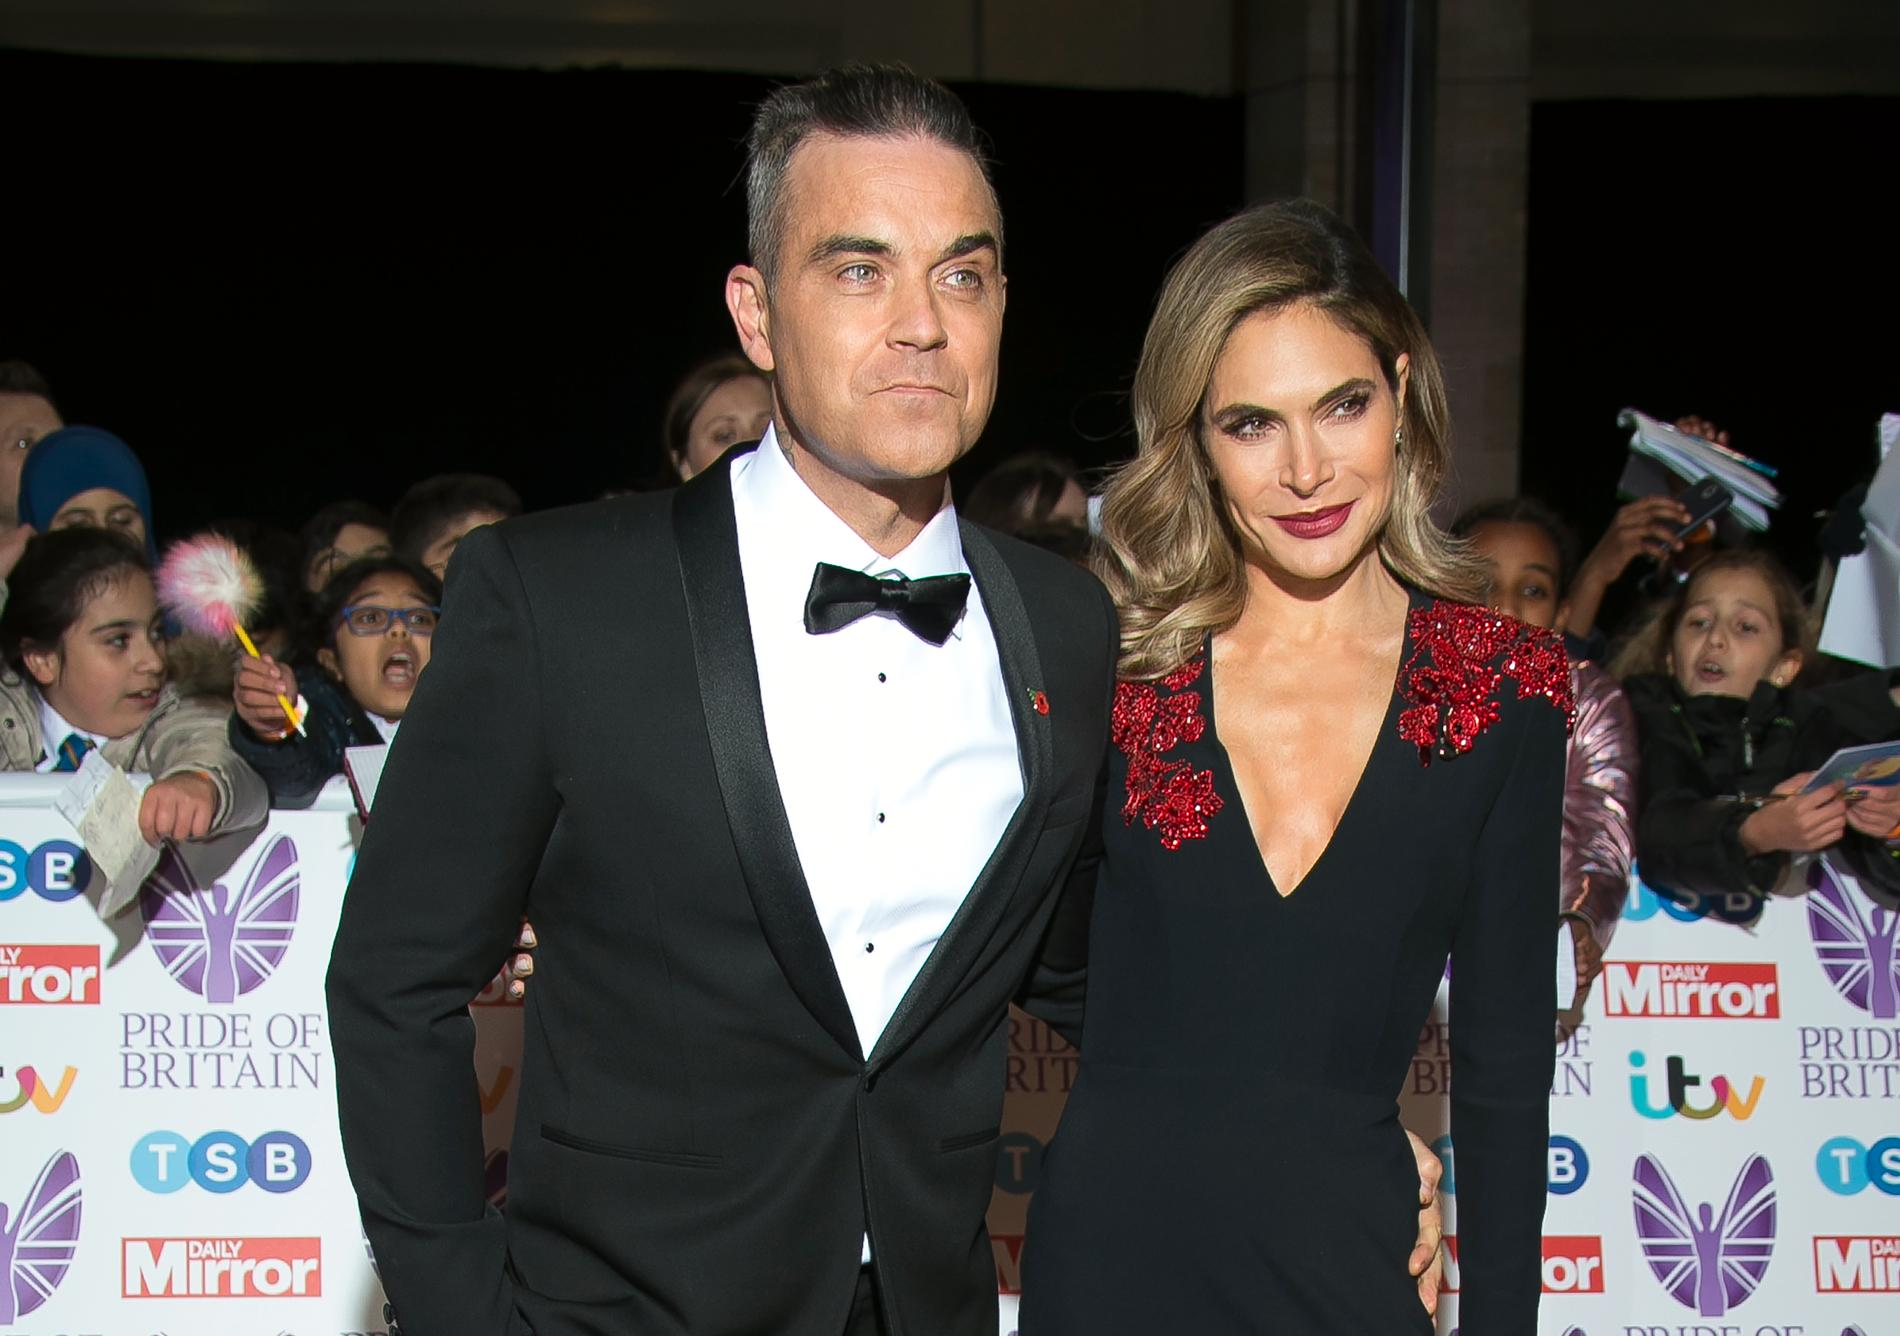 Robbie Williams tillsammans med Ayda Field, som även hon sagt att hon kissat i en pool.